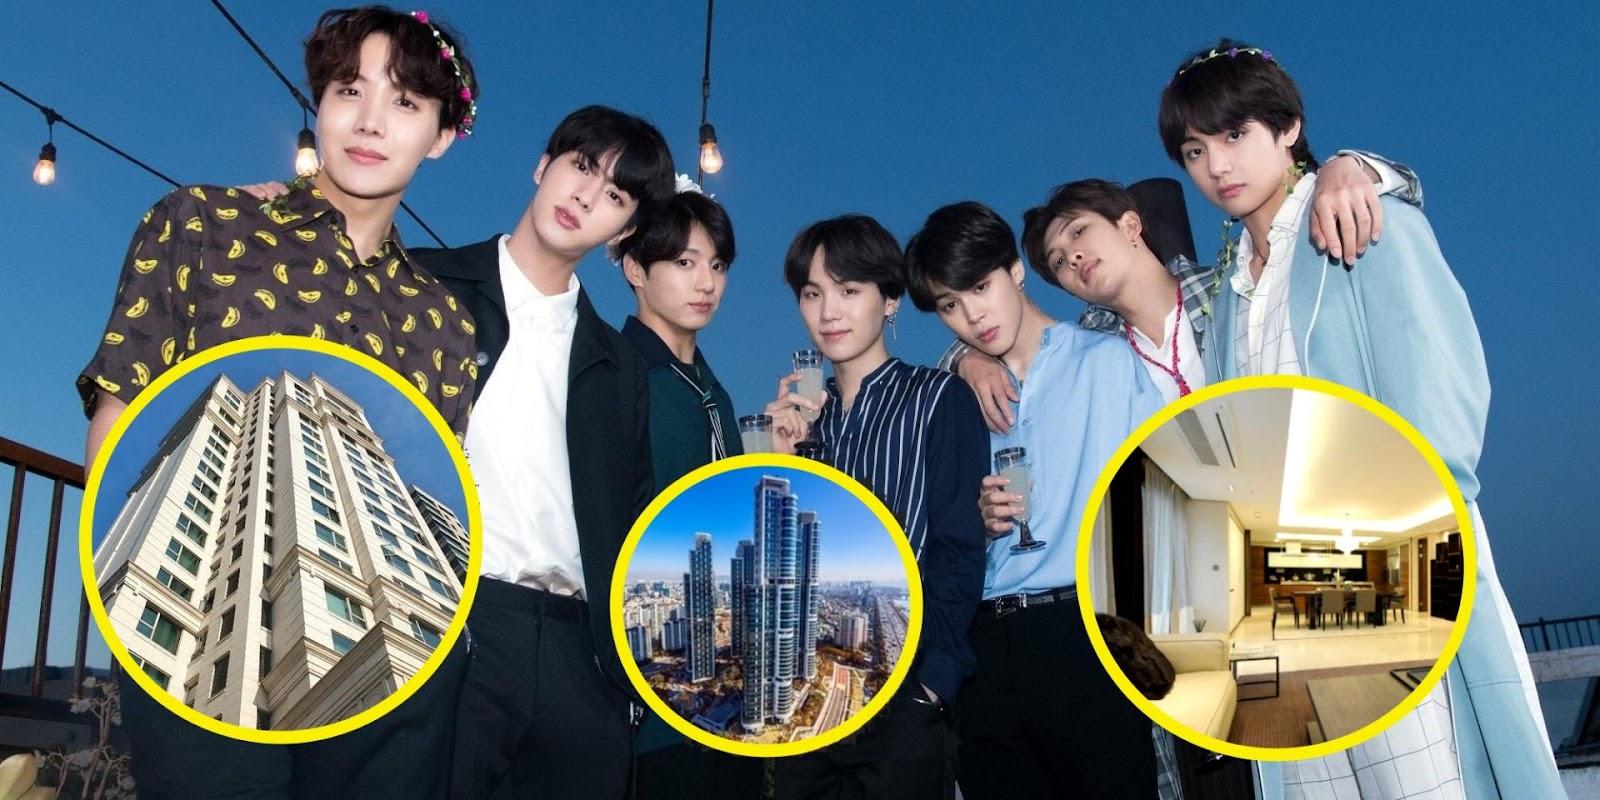 Nhà riêng của BTS như thế nào?